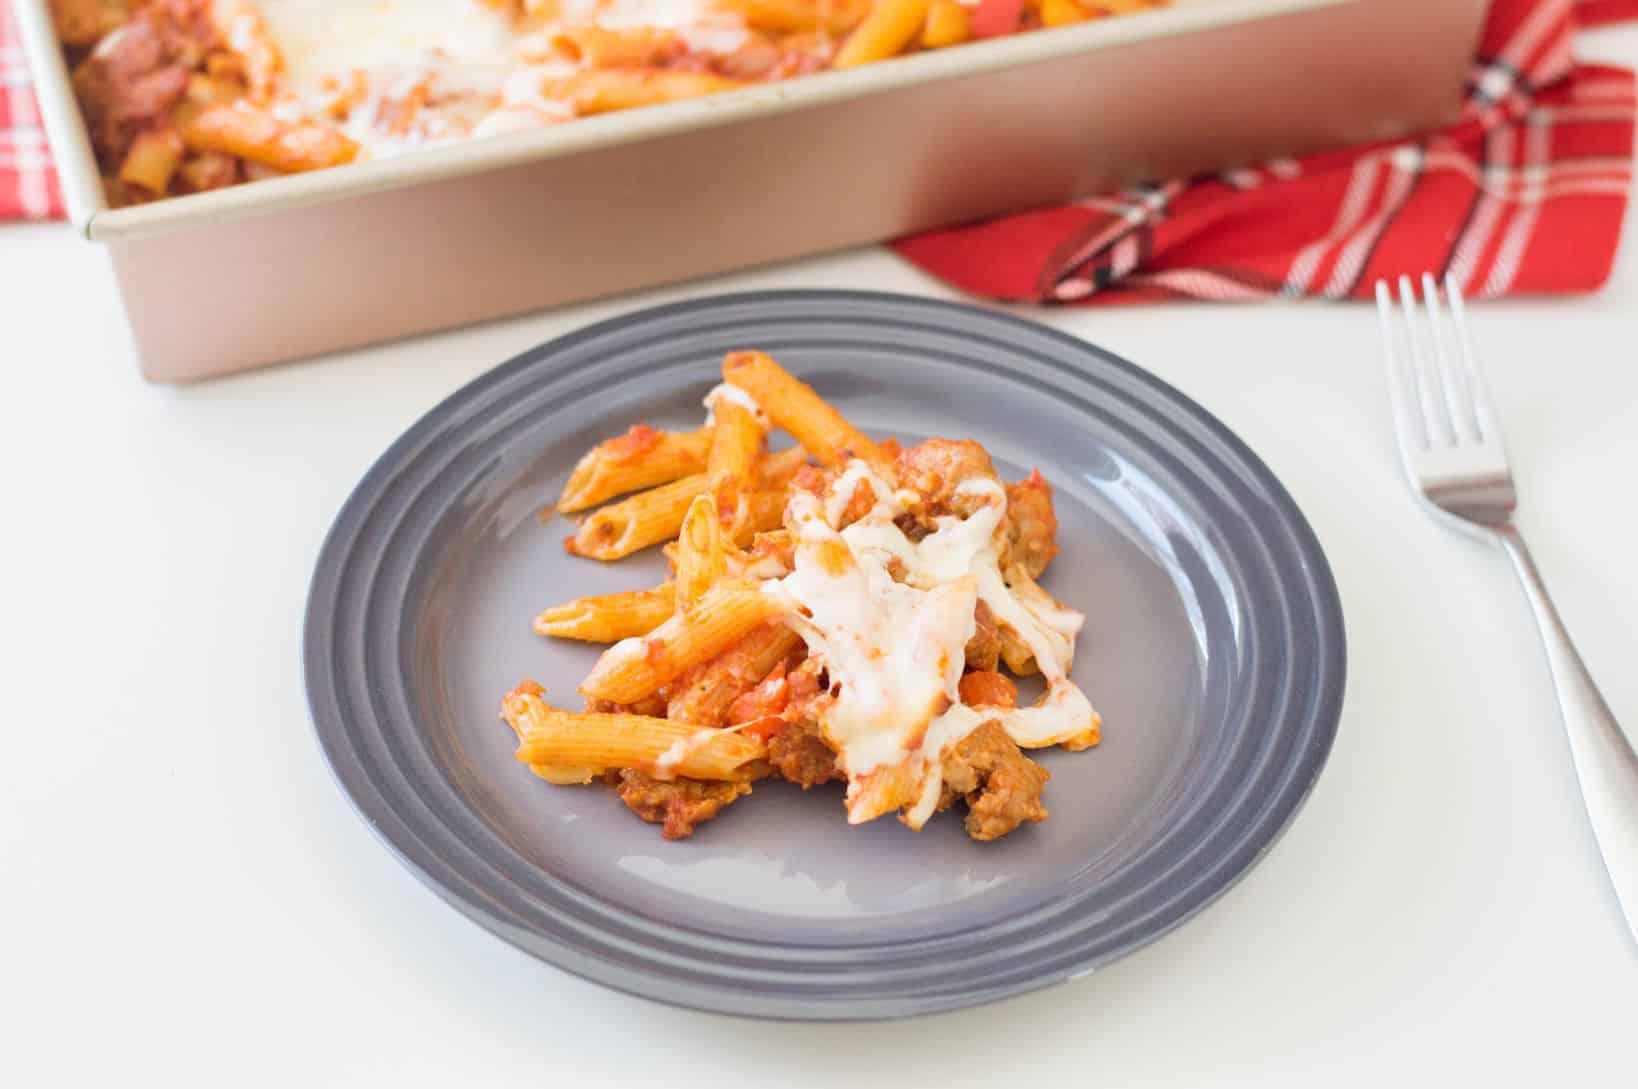 Italian Sausage Pasta Bake Recipe